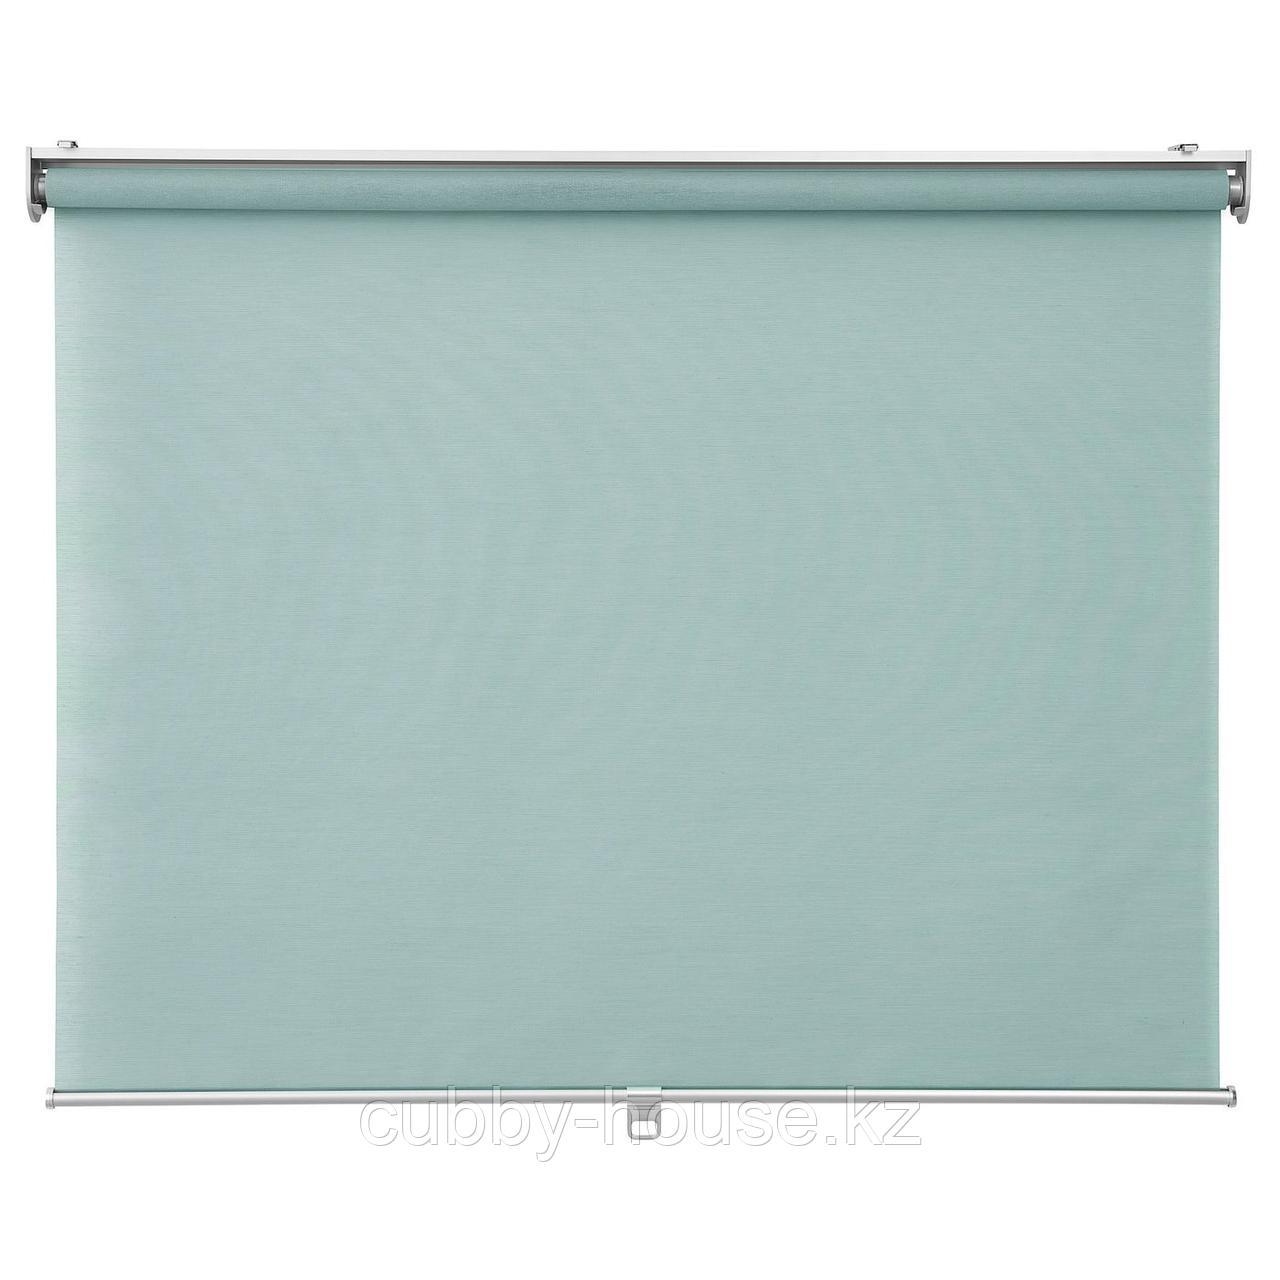 СКОГСКЛЁВЕР Рулонная штора, зеленый, 80x195 см